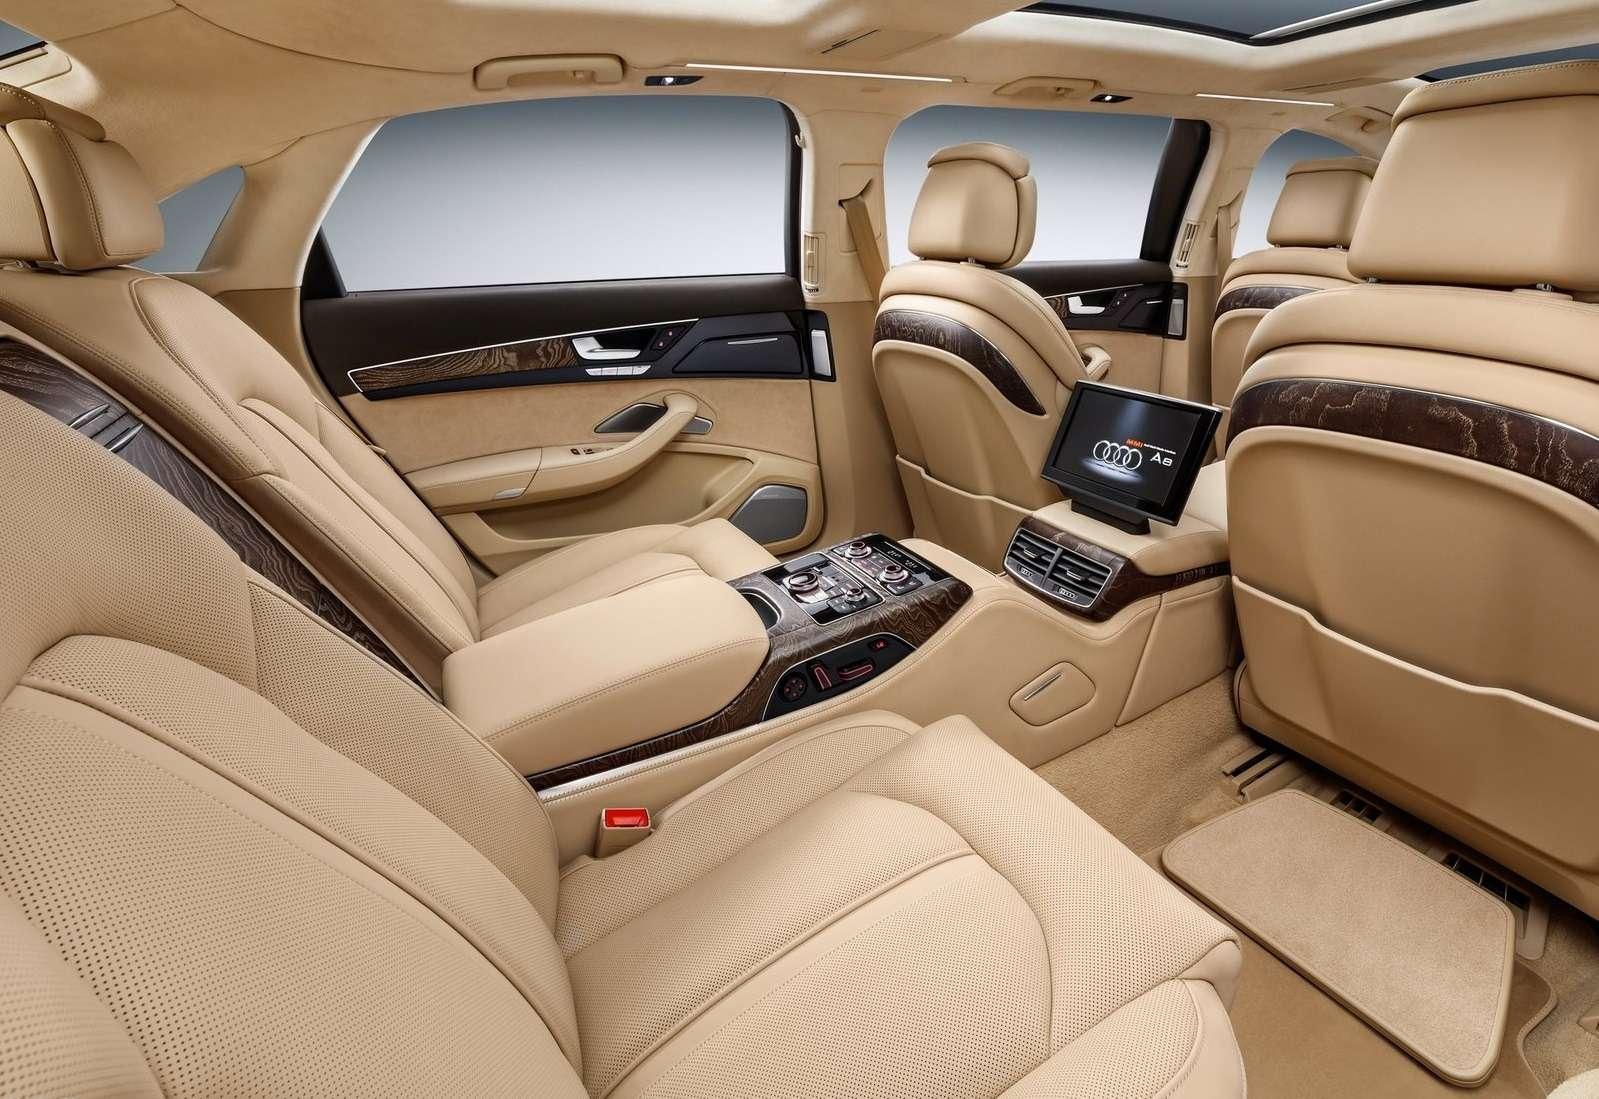 «Автобус» класса люкс: Audi A8 растянулся в угоду королевским запросам - фото 574392